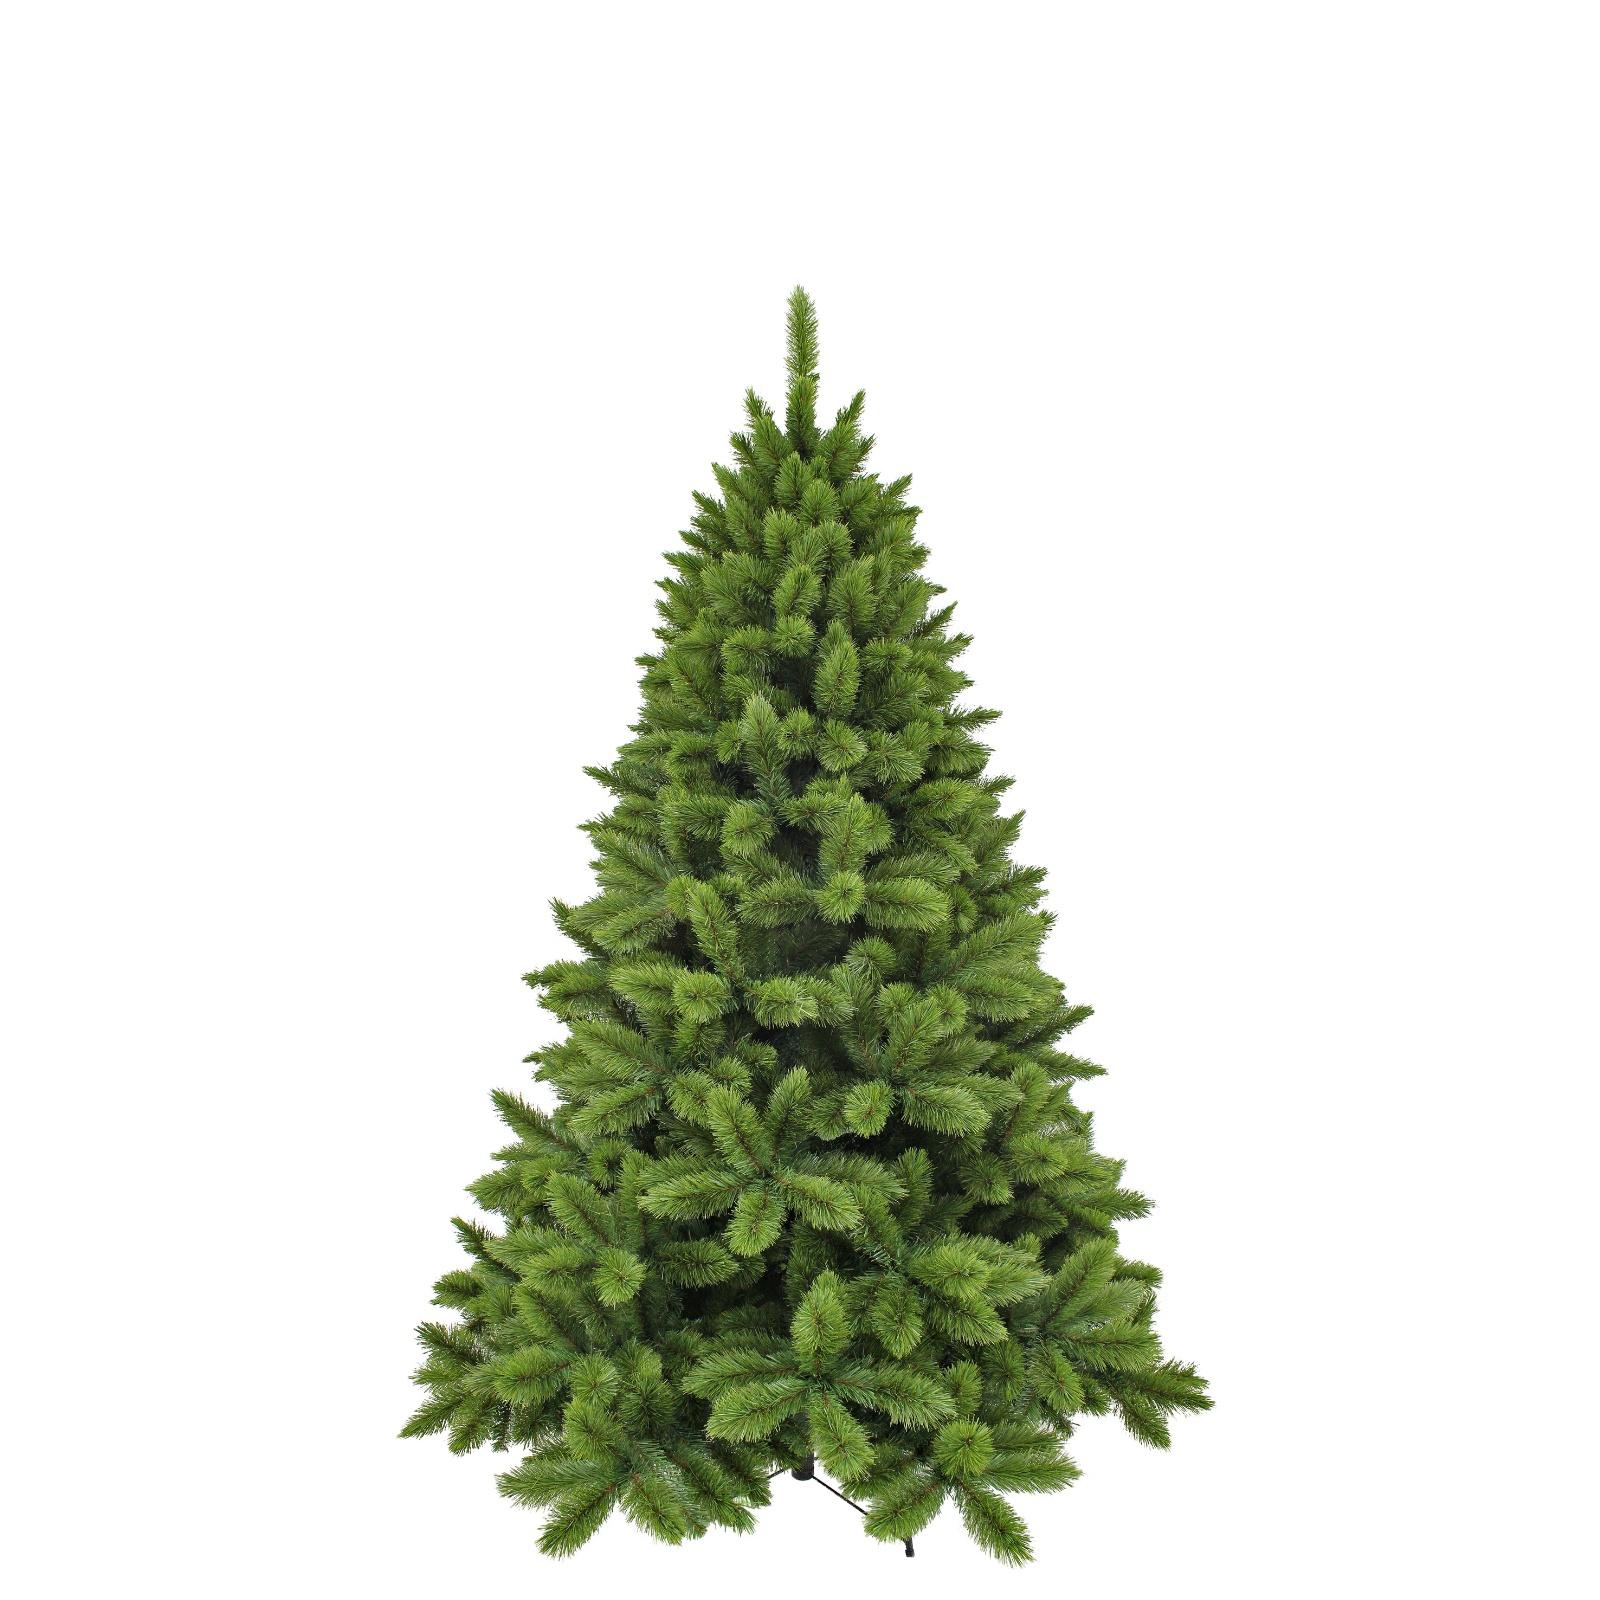 X180DQ Sapin artificiel vert D196cm H305cm